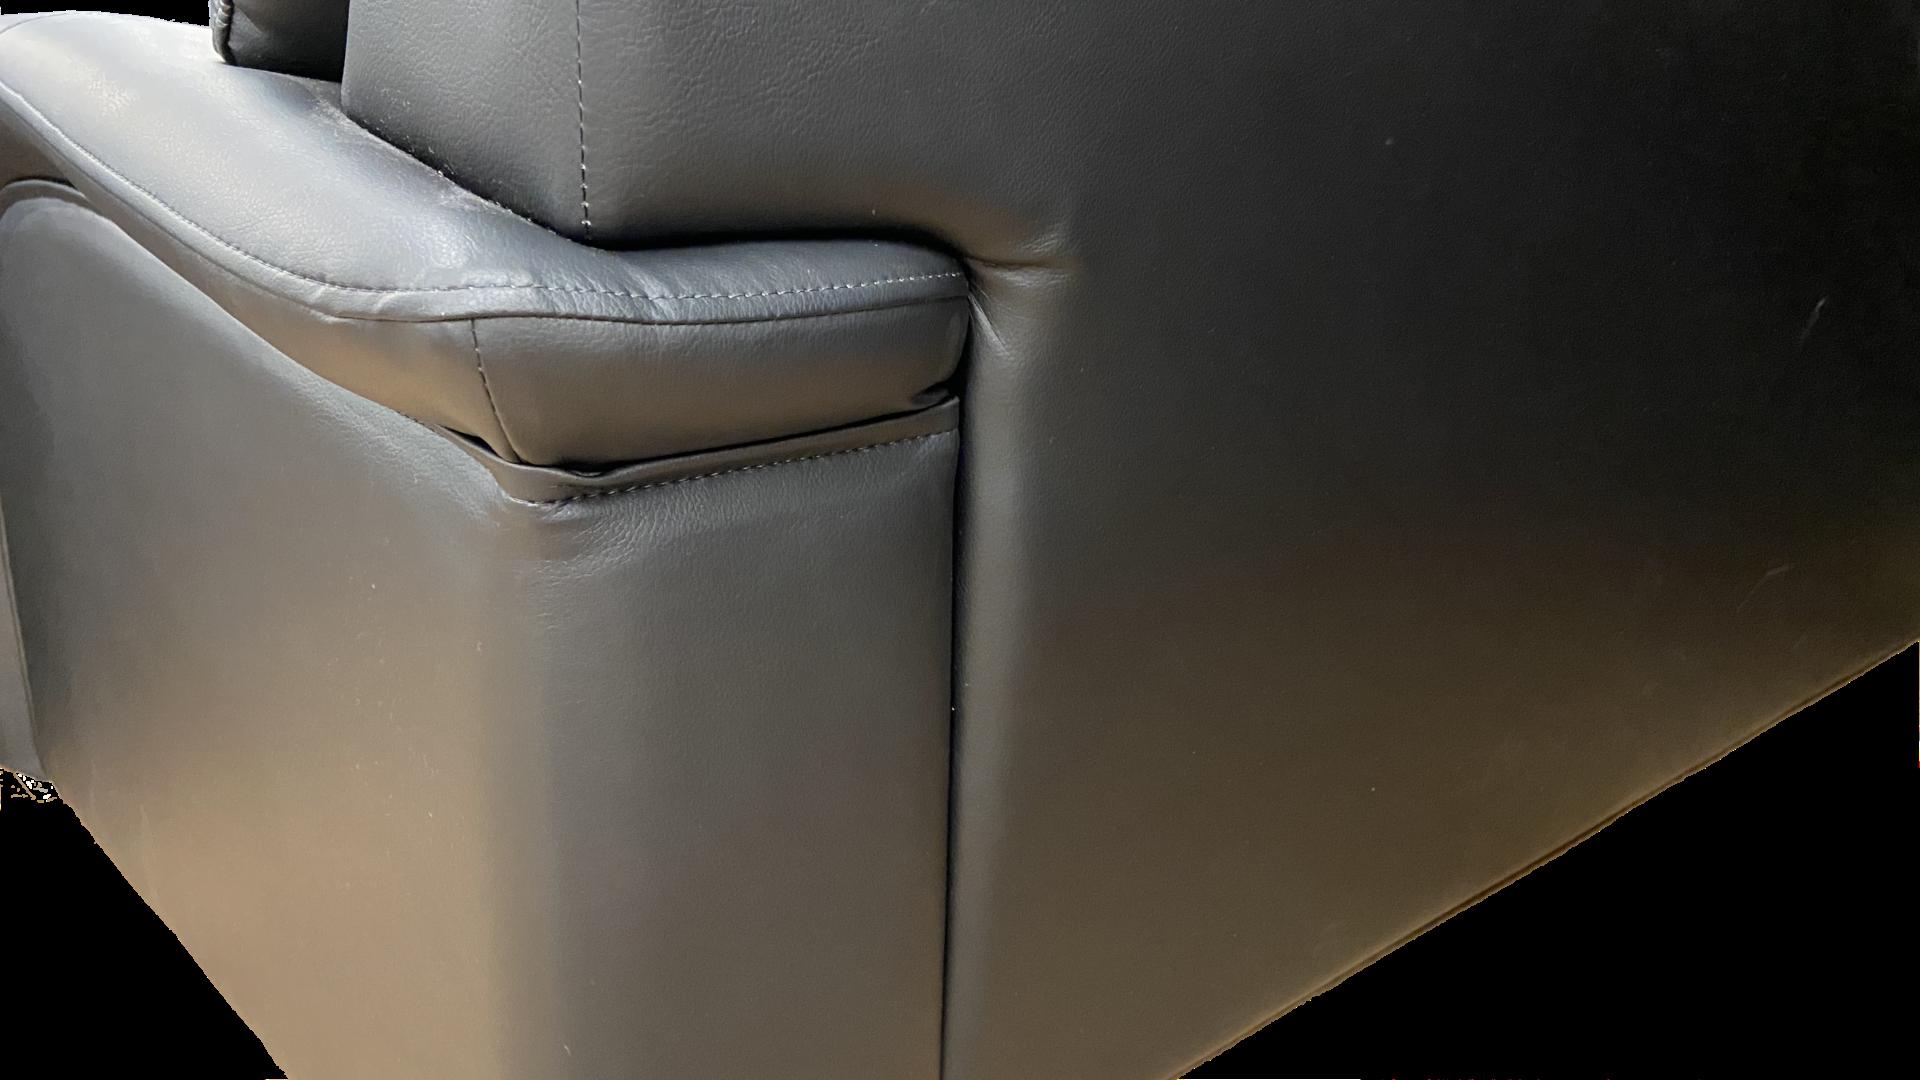 ふんわりとした座り心地、背中は便利なはめ込み式、強度あるソフトレザーを使用した国産のソファ